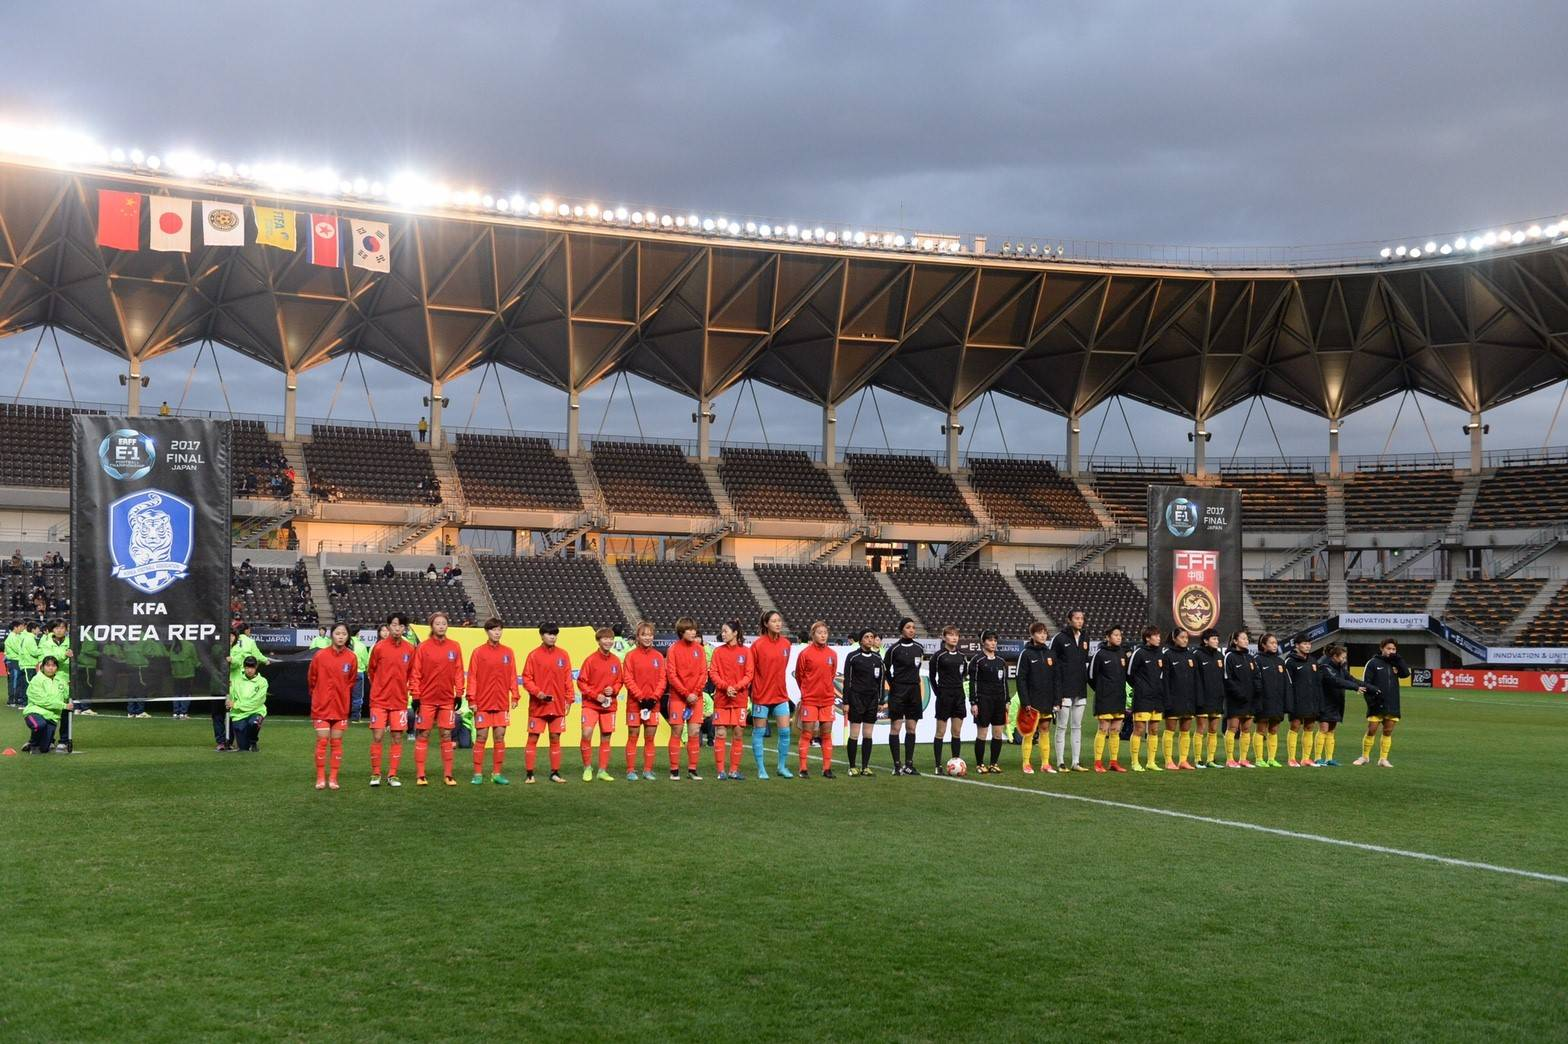 [현장 취재] EAFF E-1 여자축구, 한국 vs 중국